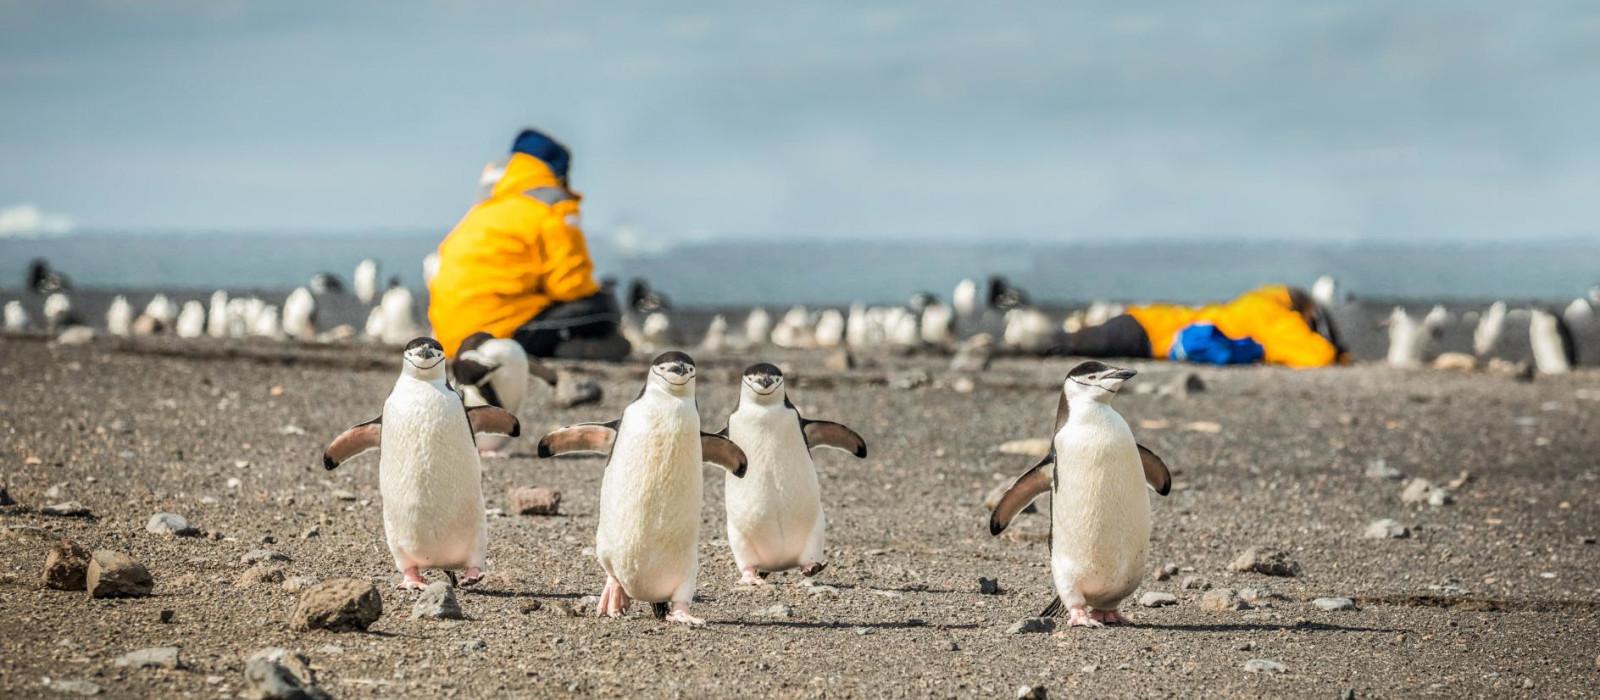 Antarktis – willkommen auf dem 7. Kontinent mit Kap Hoorn und Diego-Ramirez-Inseln Urlaub 1